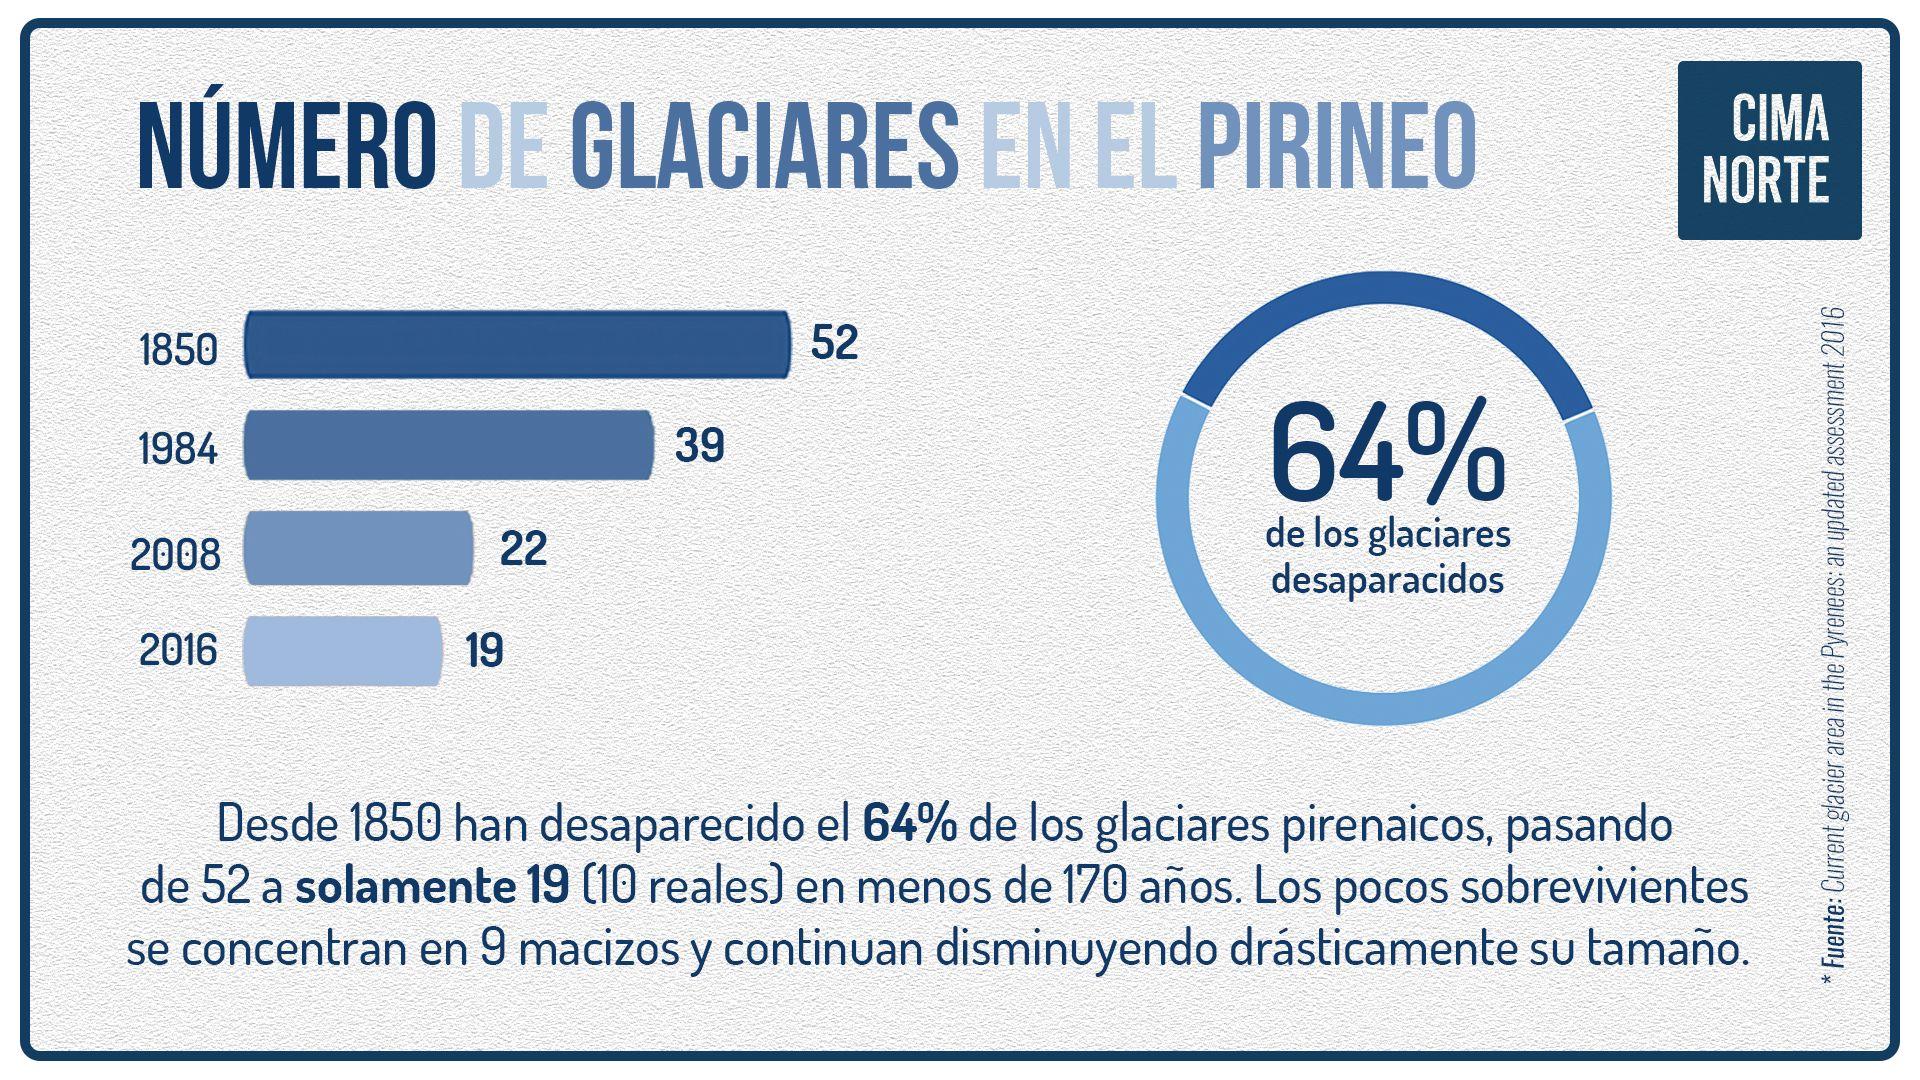 Infografía últimos glaciares del pirineo número